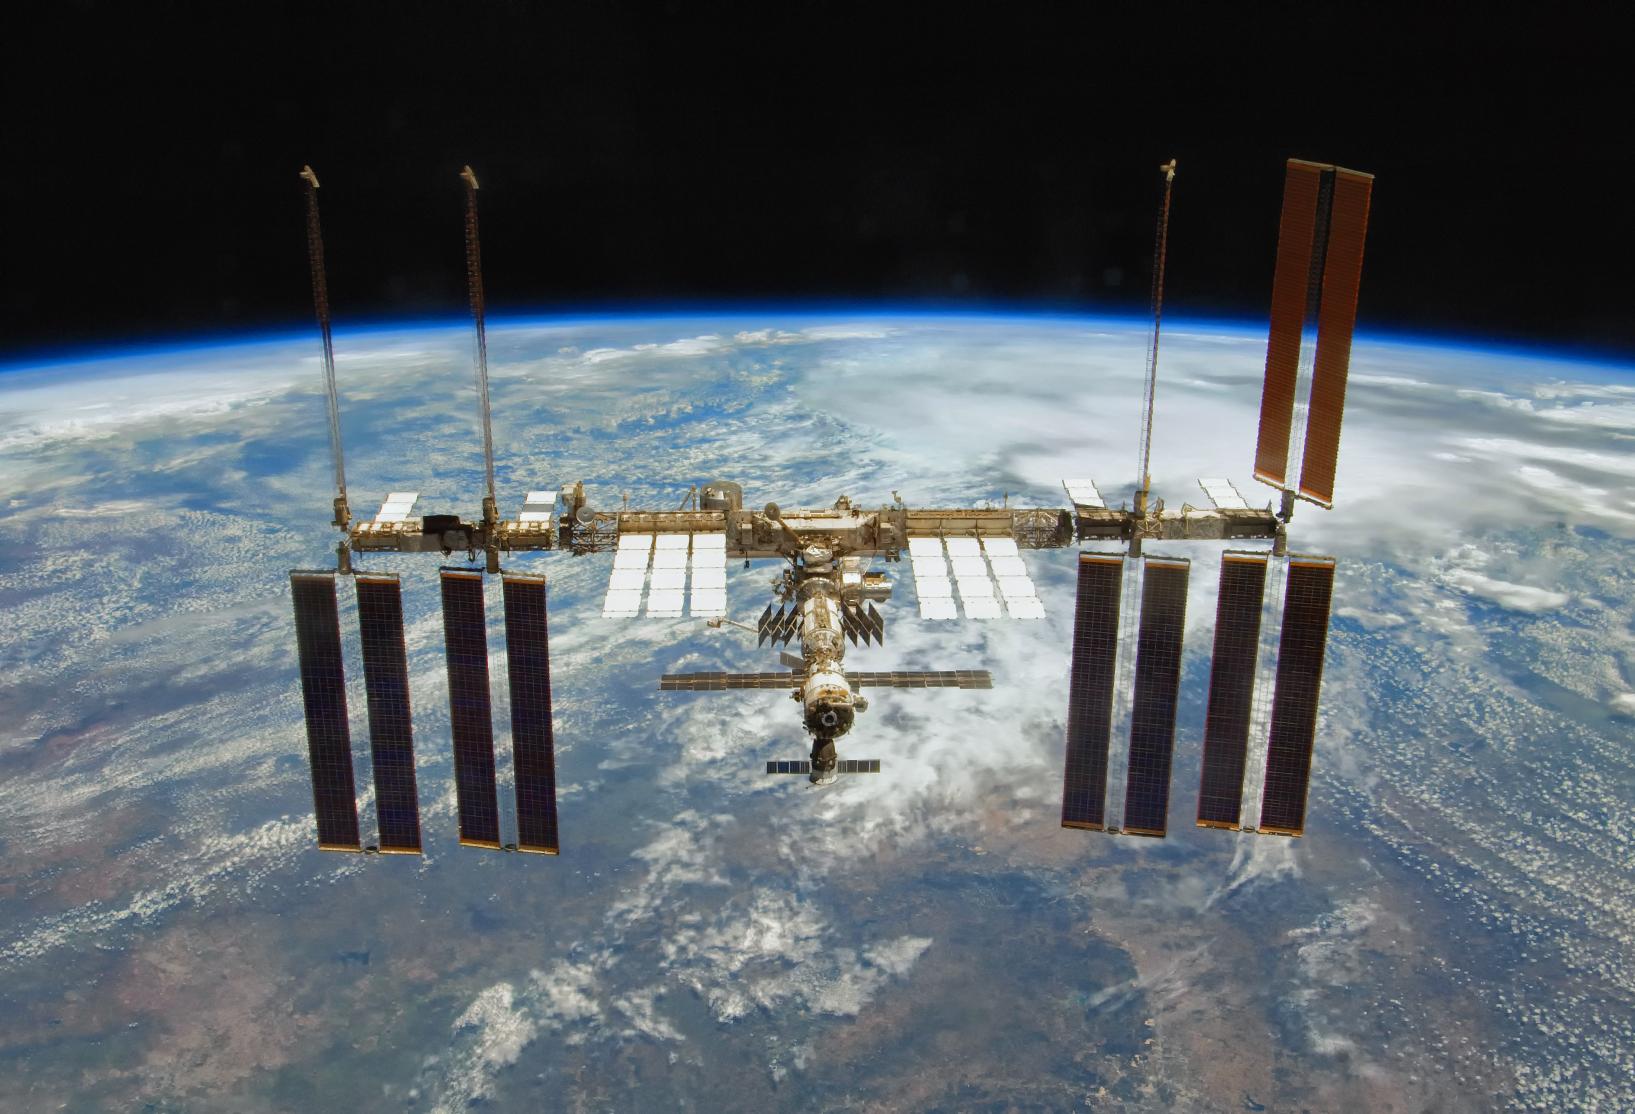 L'avvicinamento della Soyuz alla ISS ripreso da un incredibile video amatoriale